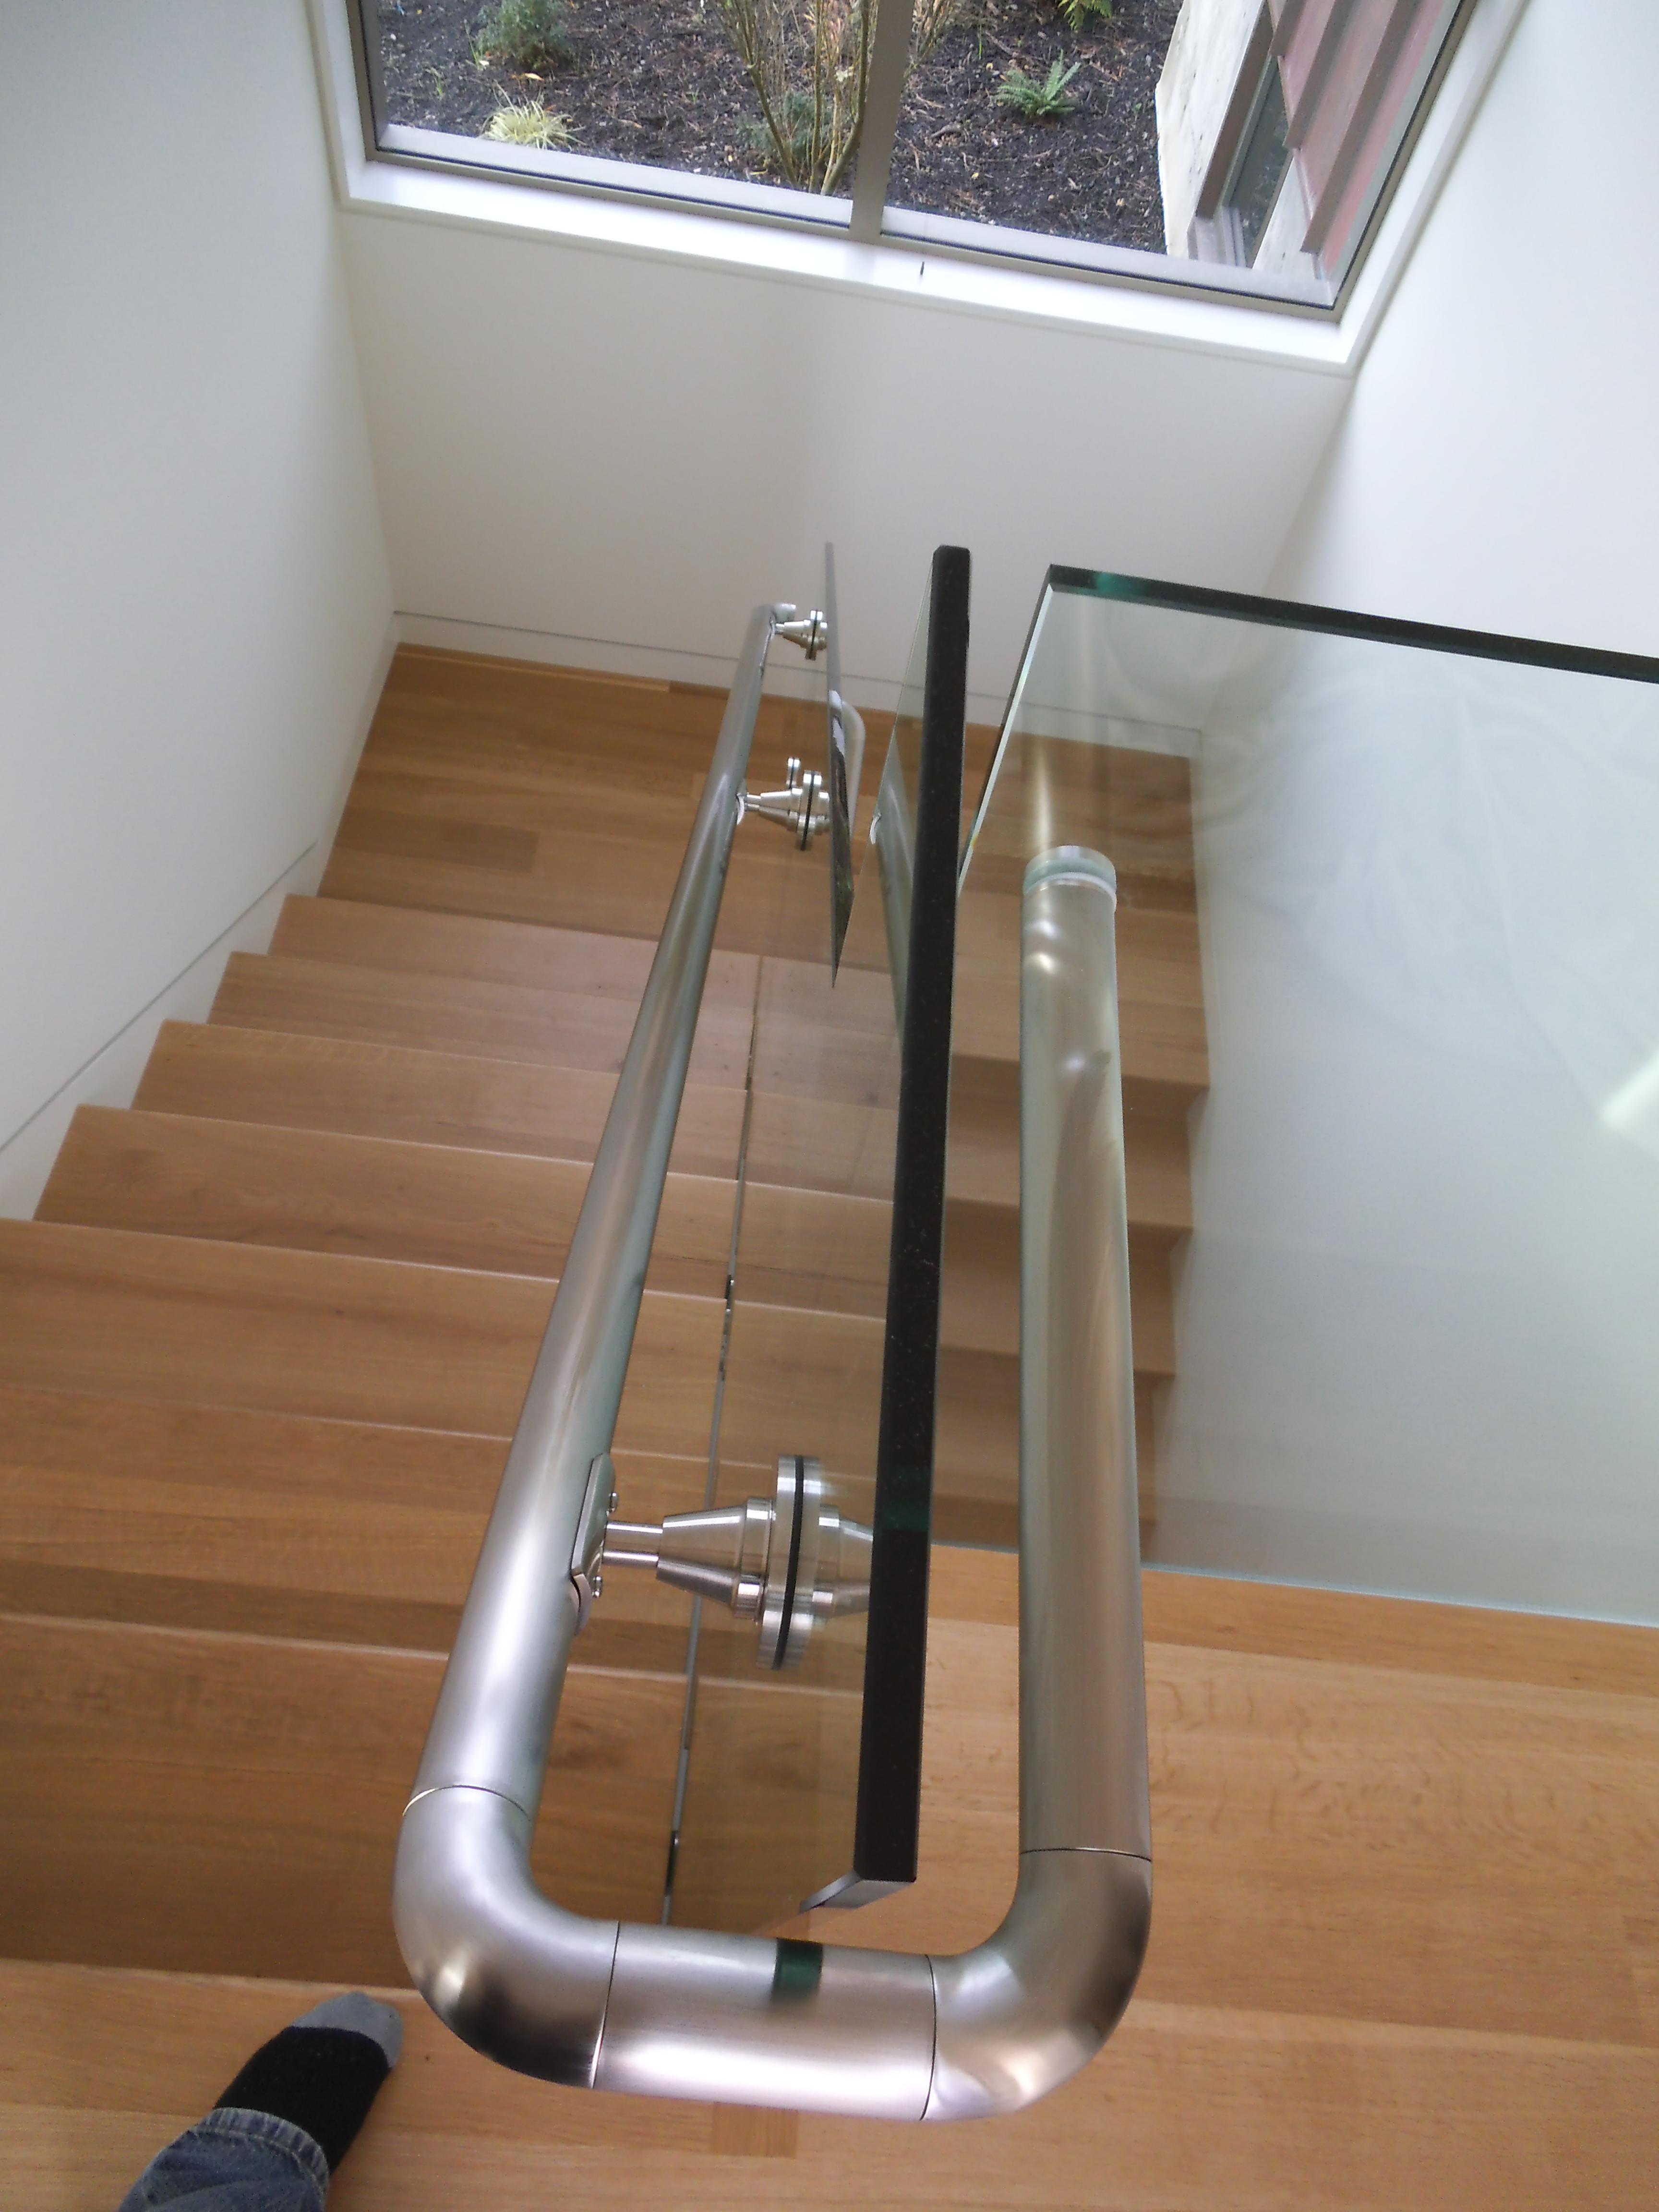 Glass Stair Railings Interior: Stinson Beach Interior Glass Stair Railing (3) 4